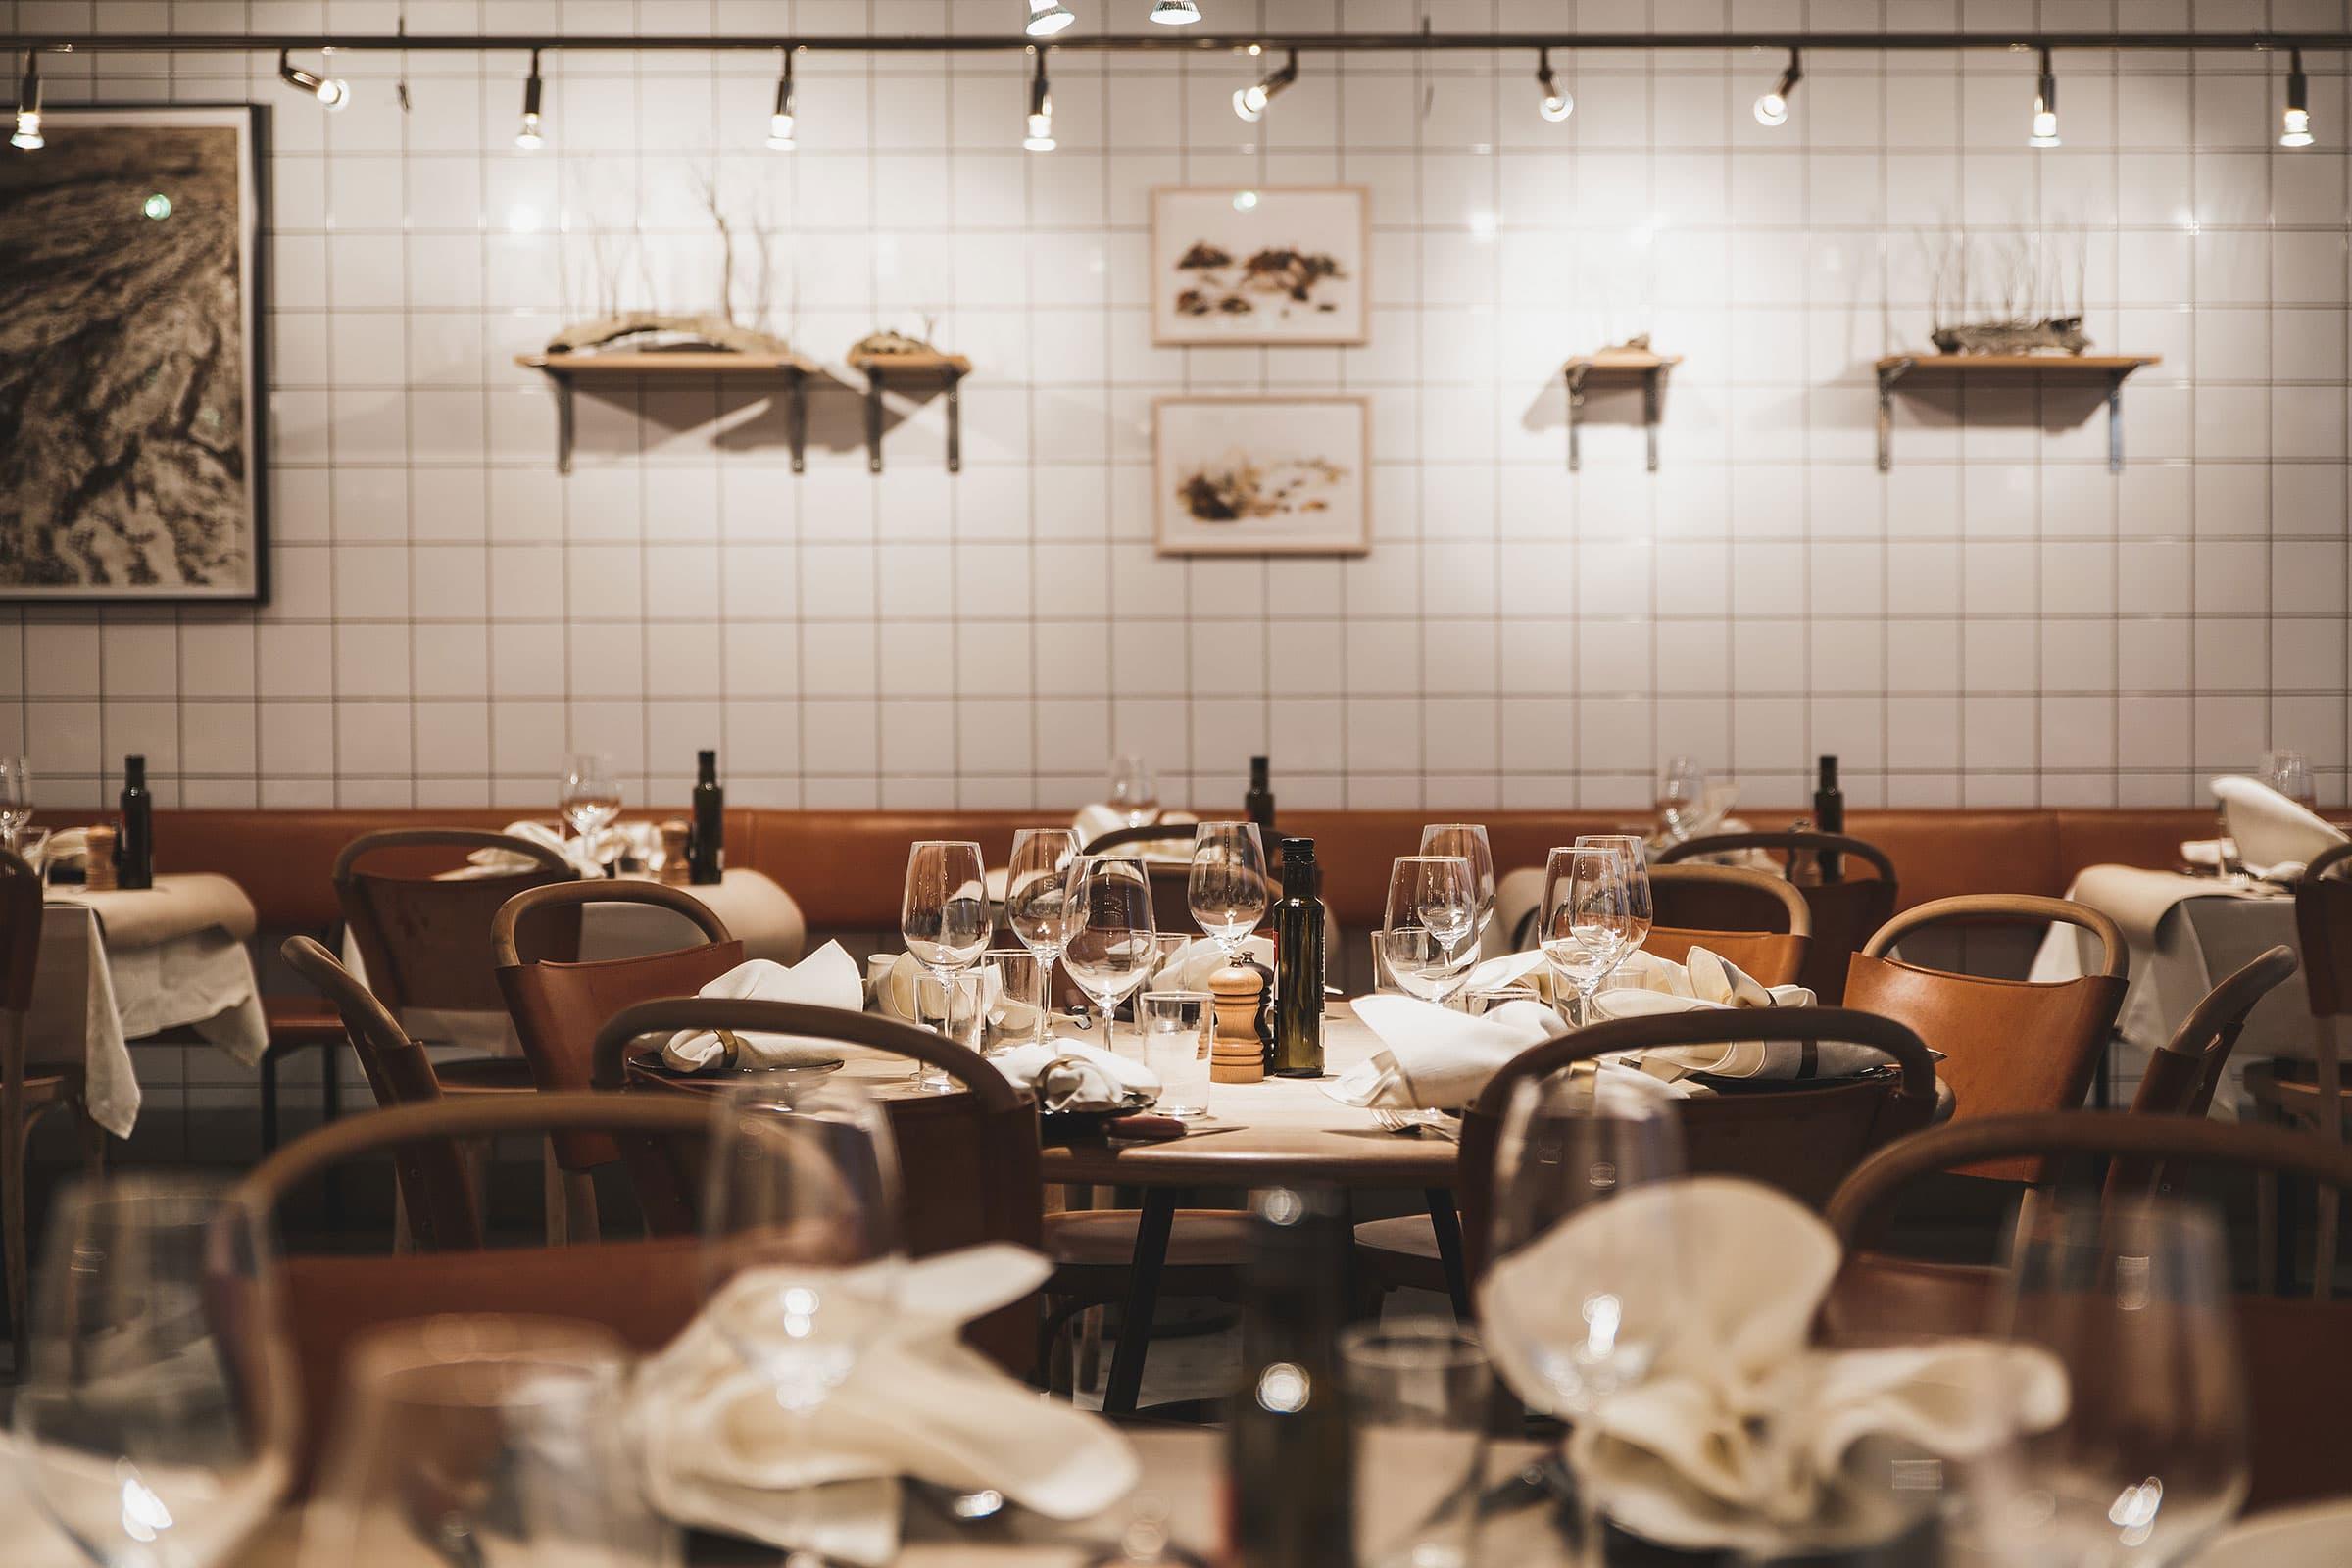 kända kockar restaurang stockholm